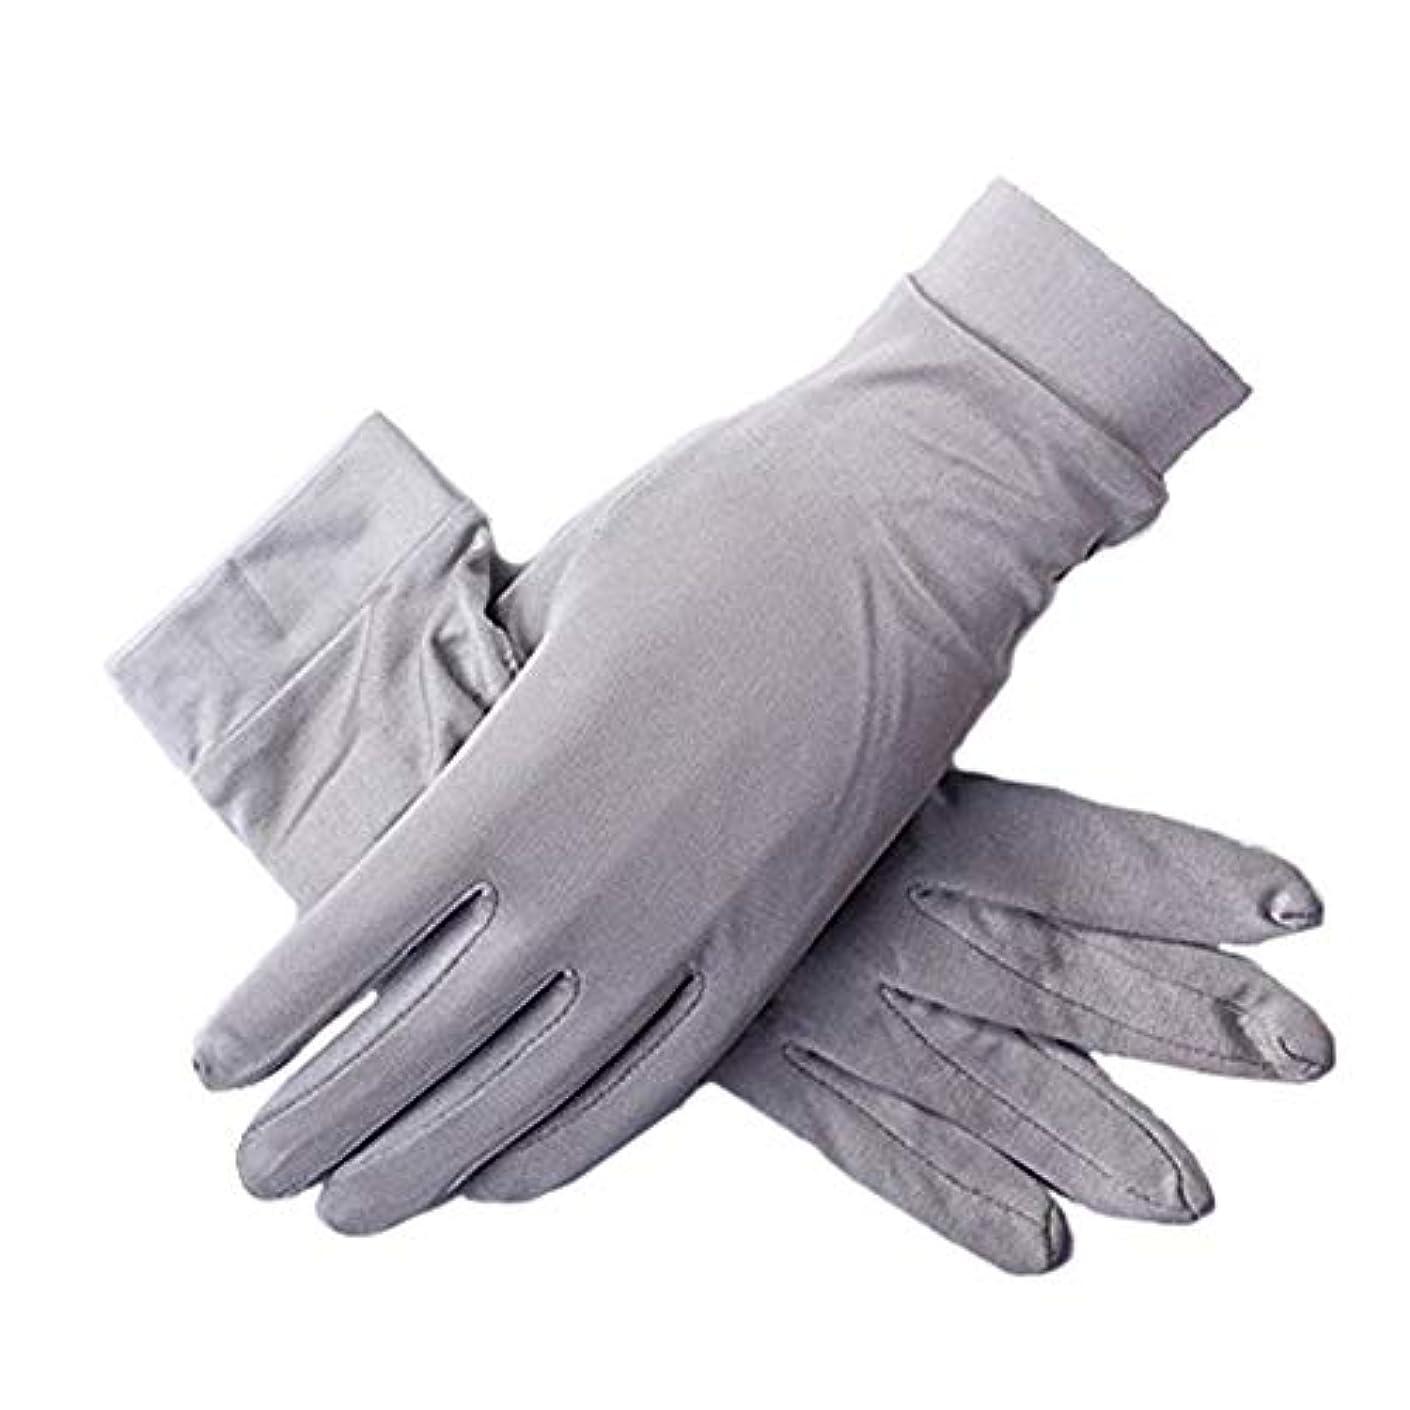 達成する全体にオーストラリア人シルク手袋手袋 シルク uvカット おやすみ 手触りが良い 紫外線 日焼け防止 手荒い 保湿 夏 ハンド ケア レディースメンズ